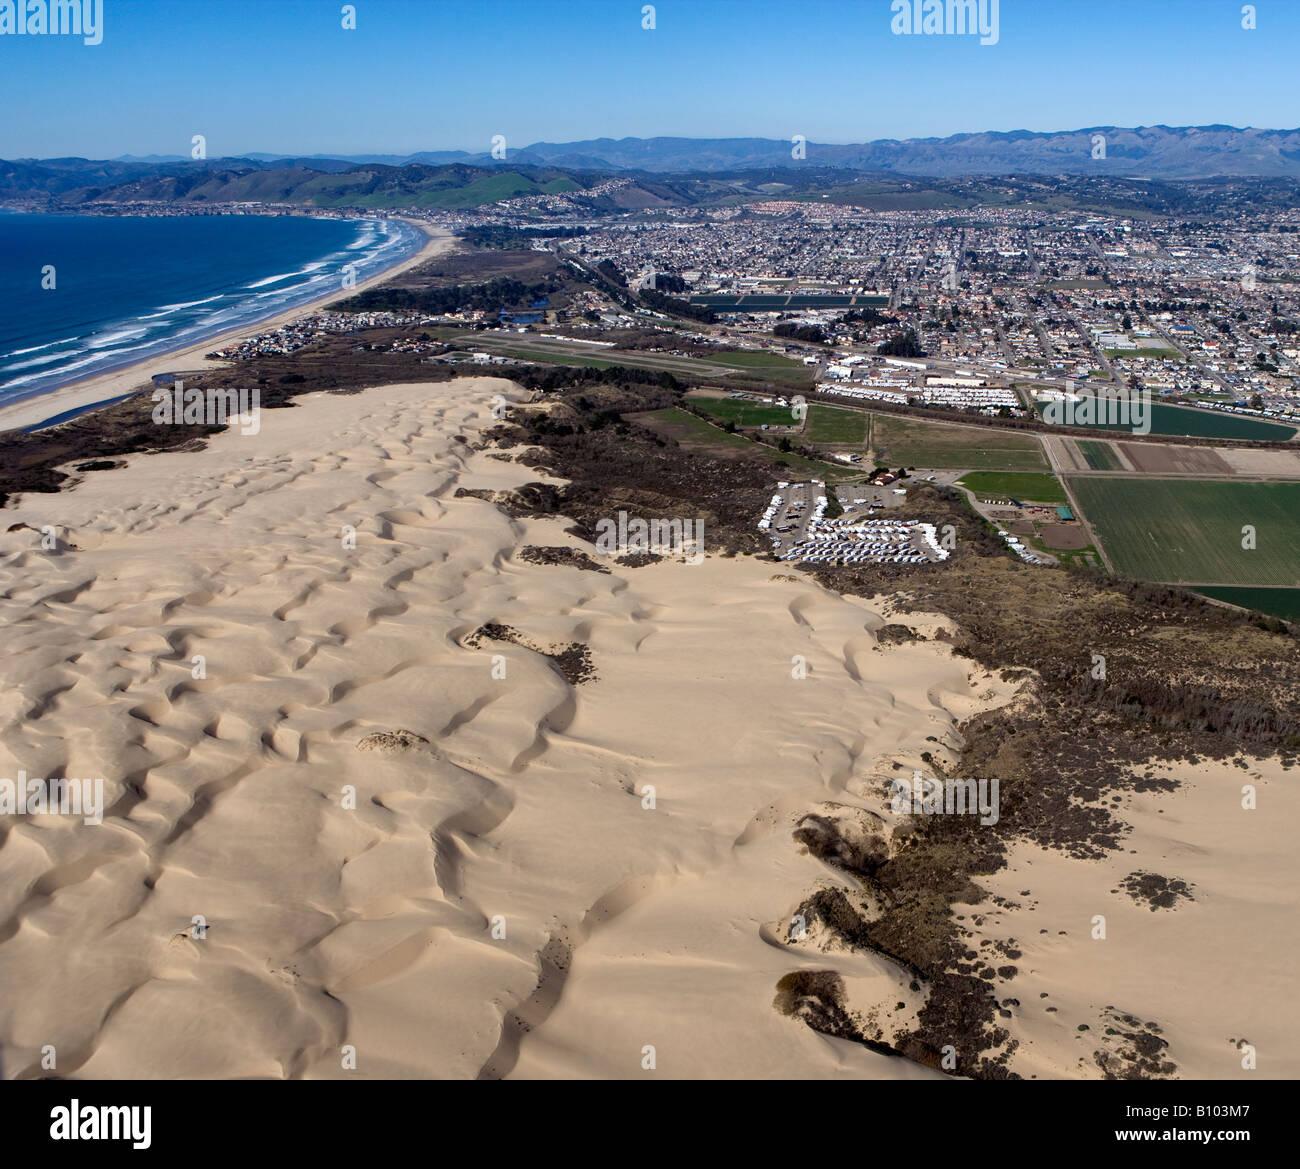 Al di sopra dell'antenna Pismo Beach Dunes e la città di Oceano CA dune Oceano Pacifico San Luis Obispo Immagini Stock